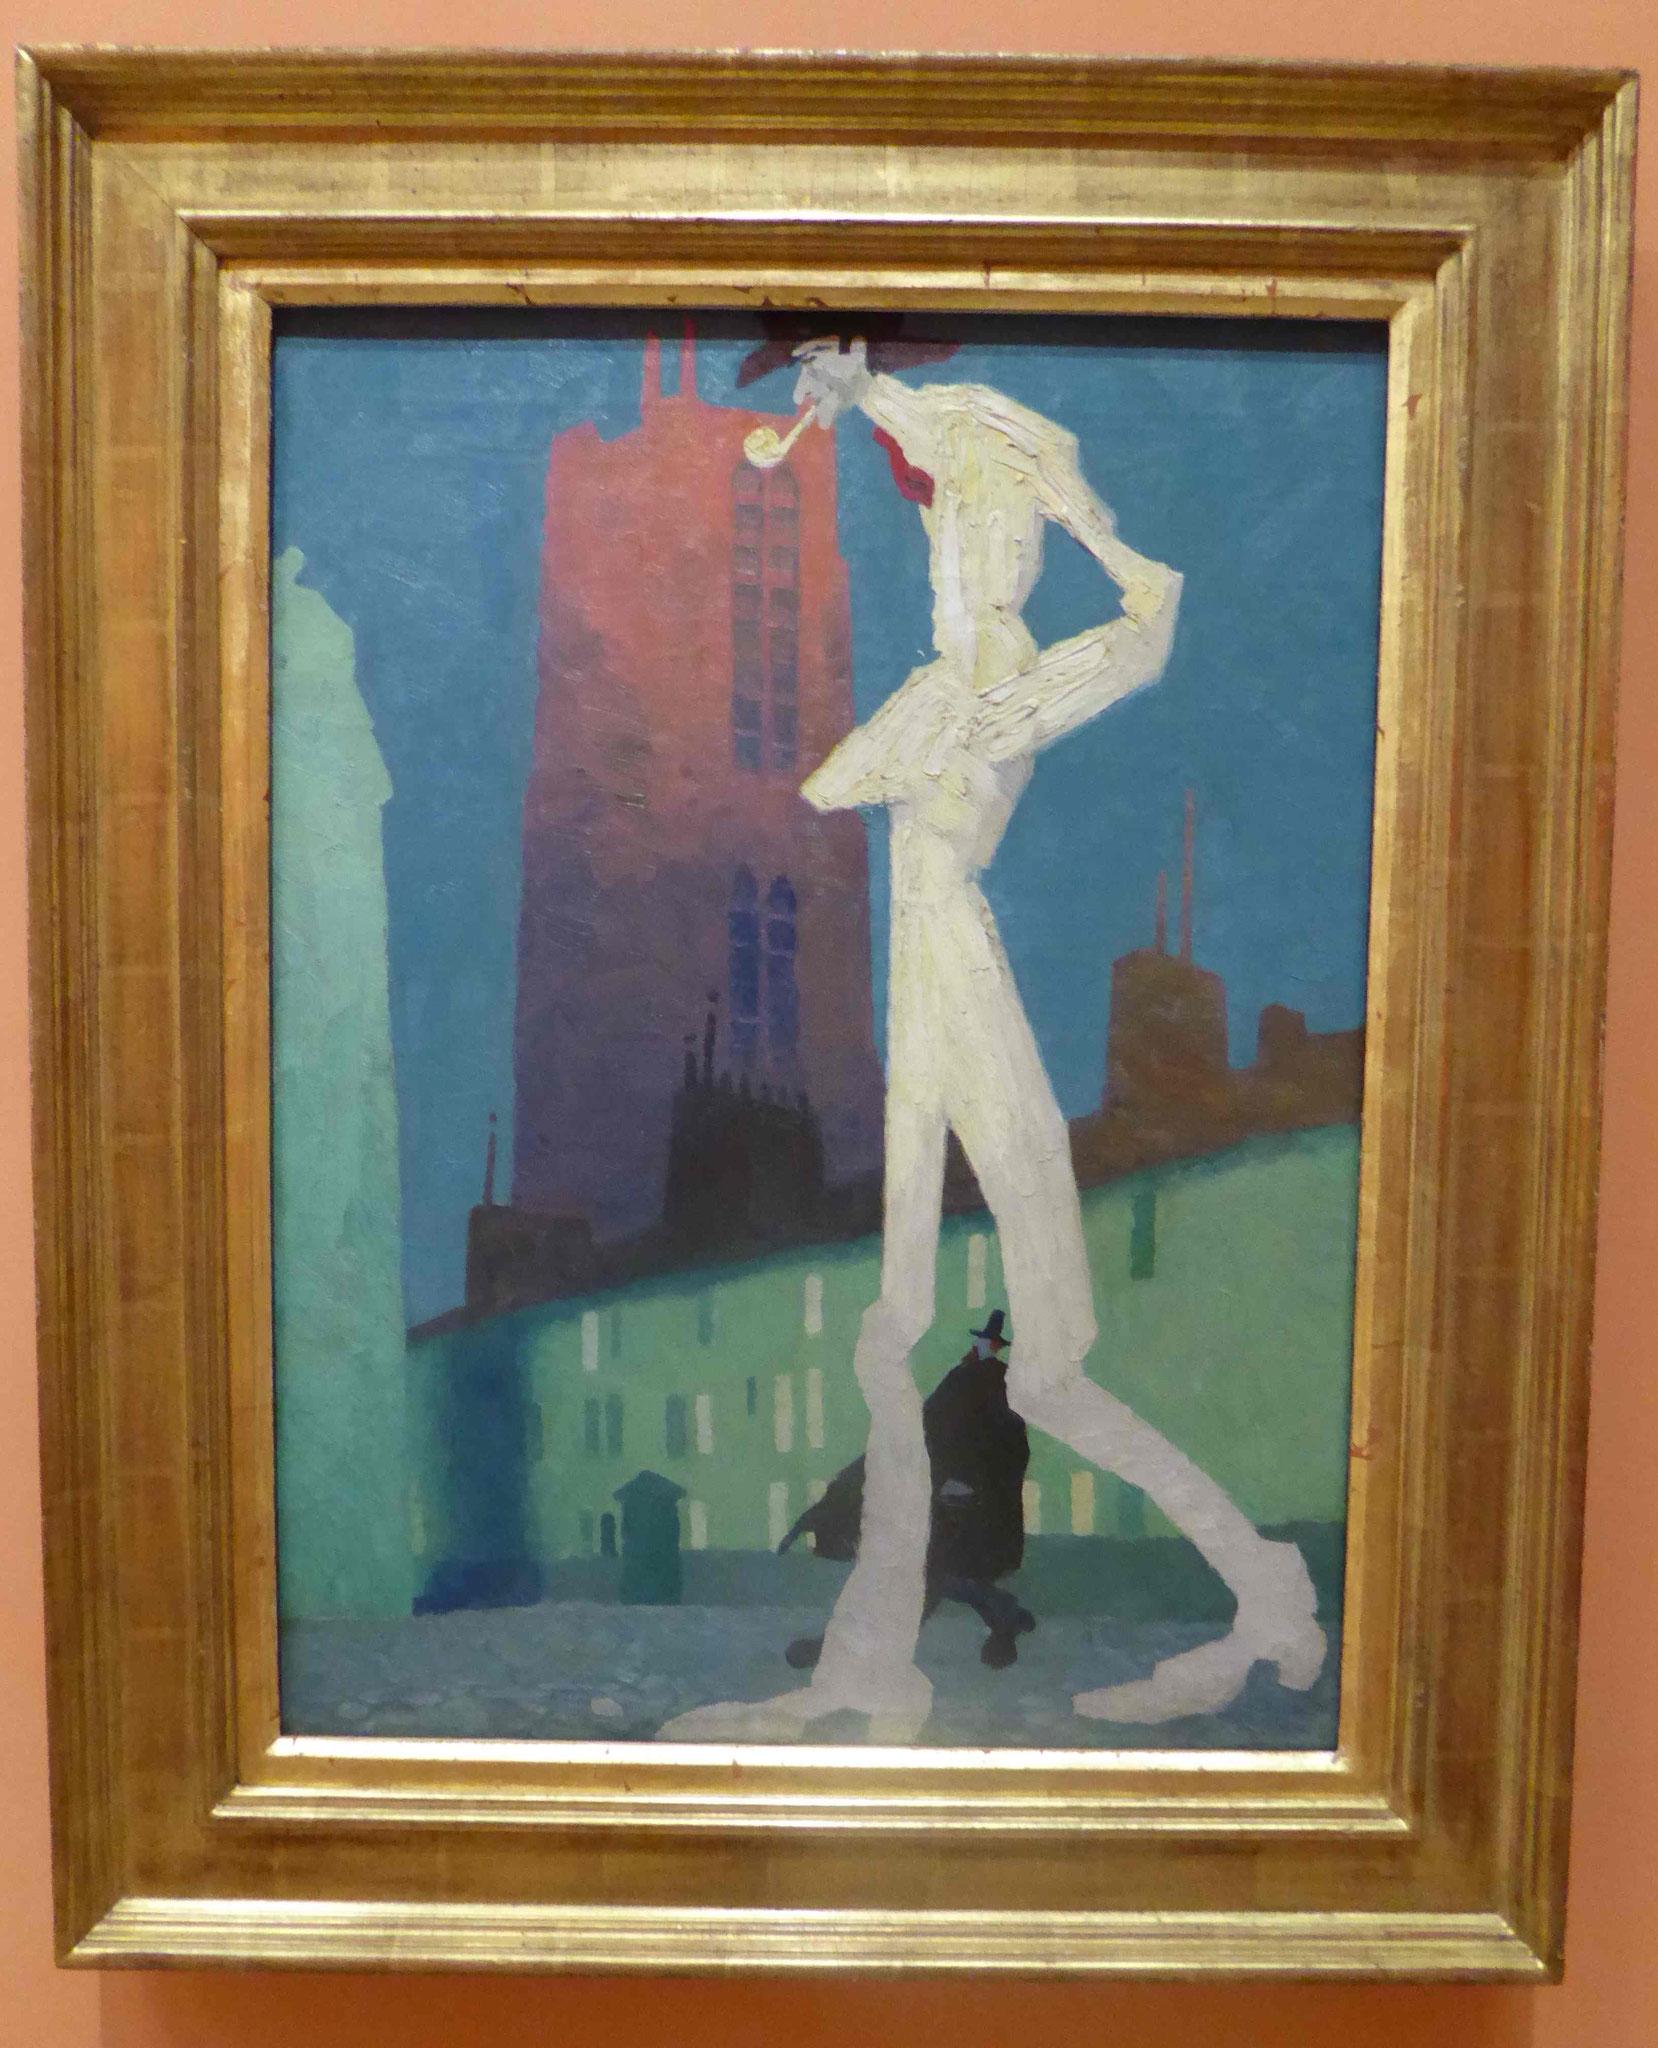 Lyonel Feininger, Museo Thyssen-Bornemisza, Madrid, Spanien